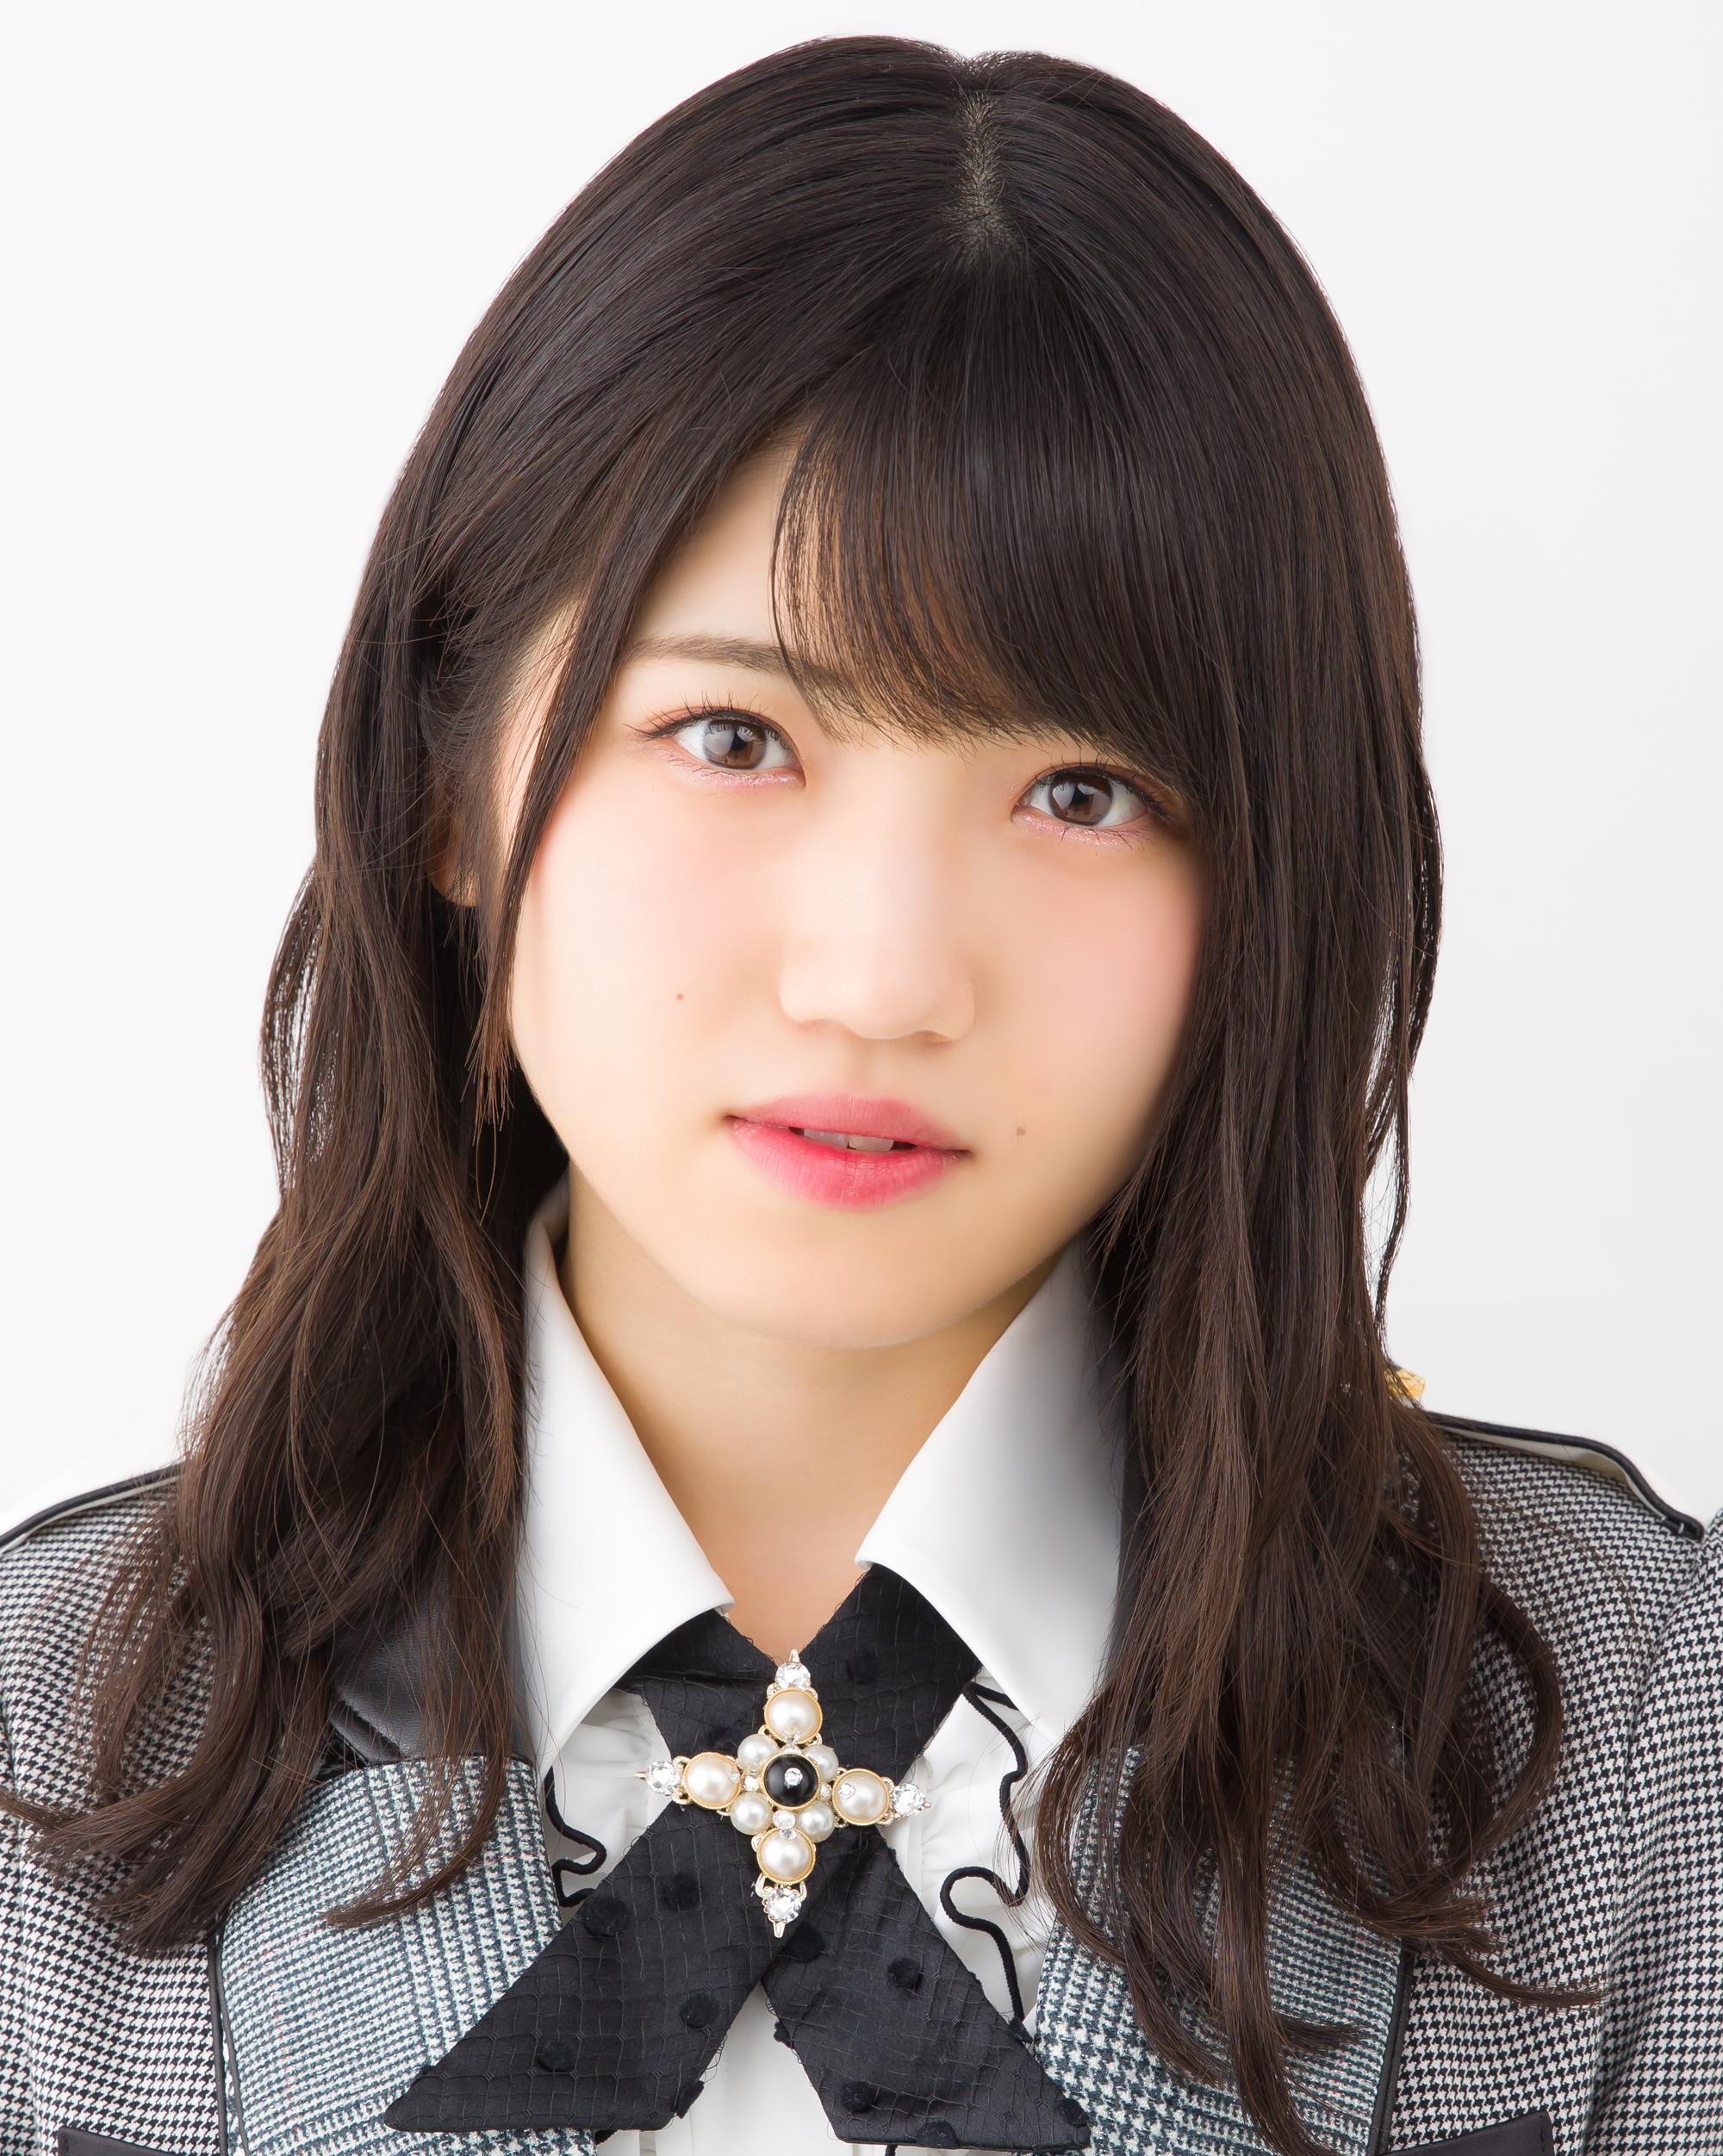 村山彩希(AKB48 Team 4)